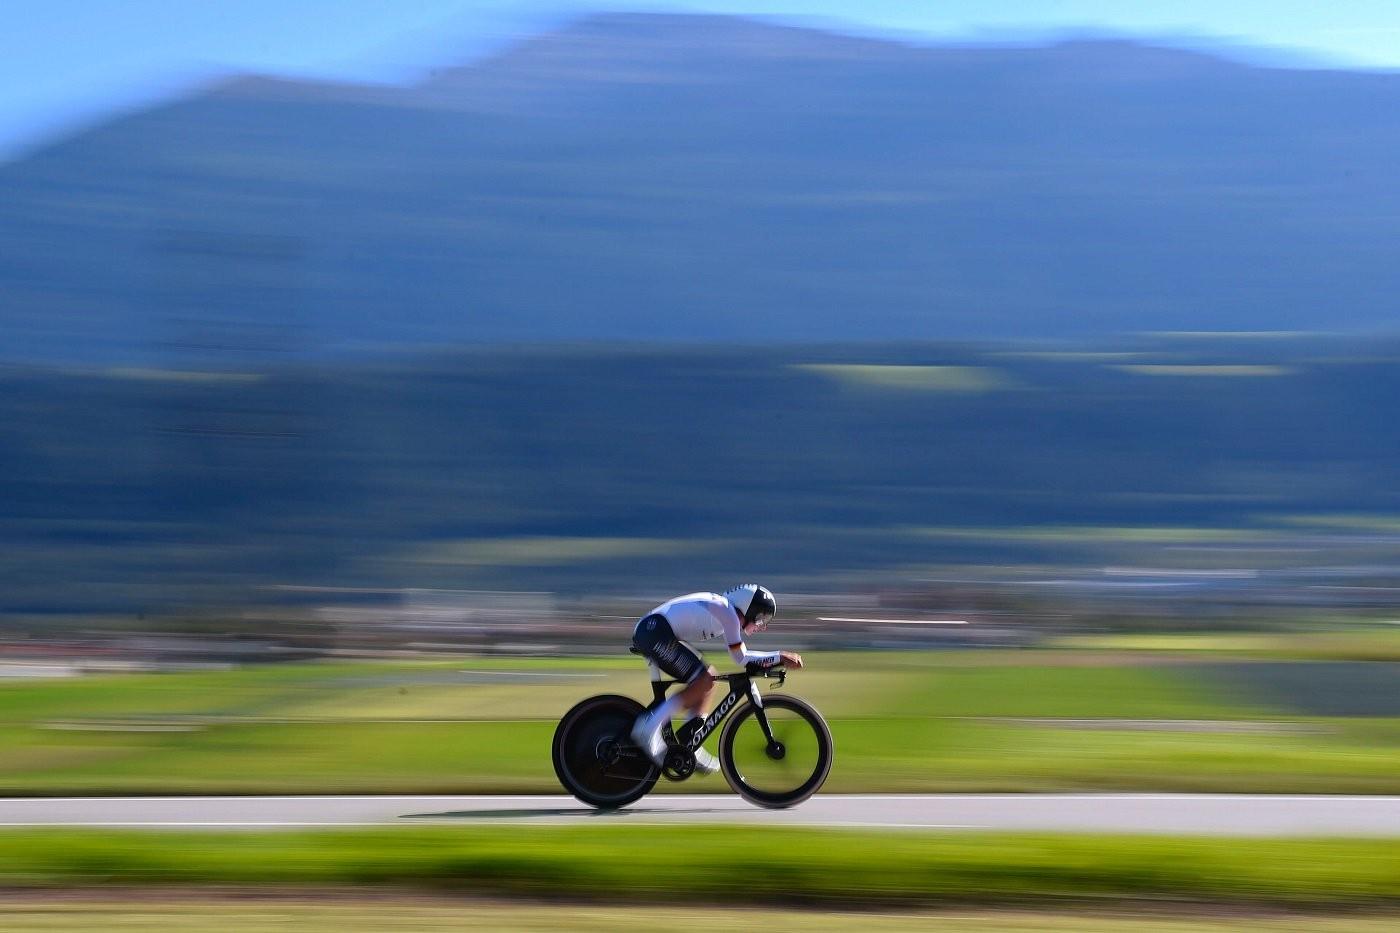 ЧМ по шоссейному велоспорту: как выступили казахстанки на гонке с раздельным стартом , Спорт, Велоспорт